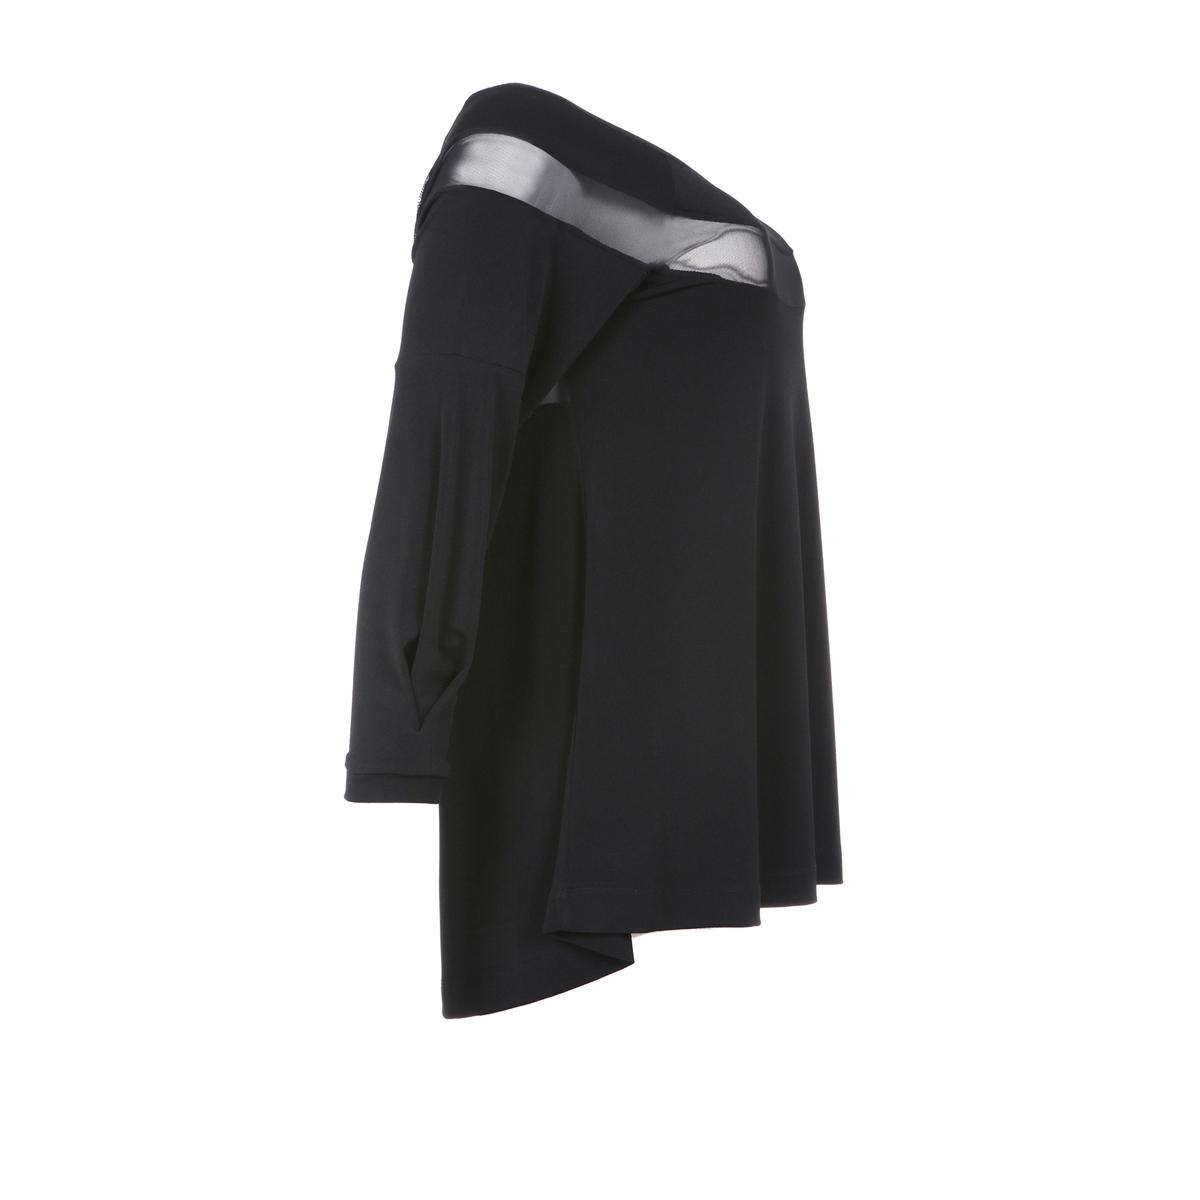 БлузкаТоп-блузка с рукавами 3/4 MAT FASHION. 96% полиэстера, 4% эластана.   С прозрачными линиями-лоскутками ниже выреза и на рукавах . Закругленный вырез.<br><br>Цвет: черный